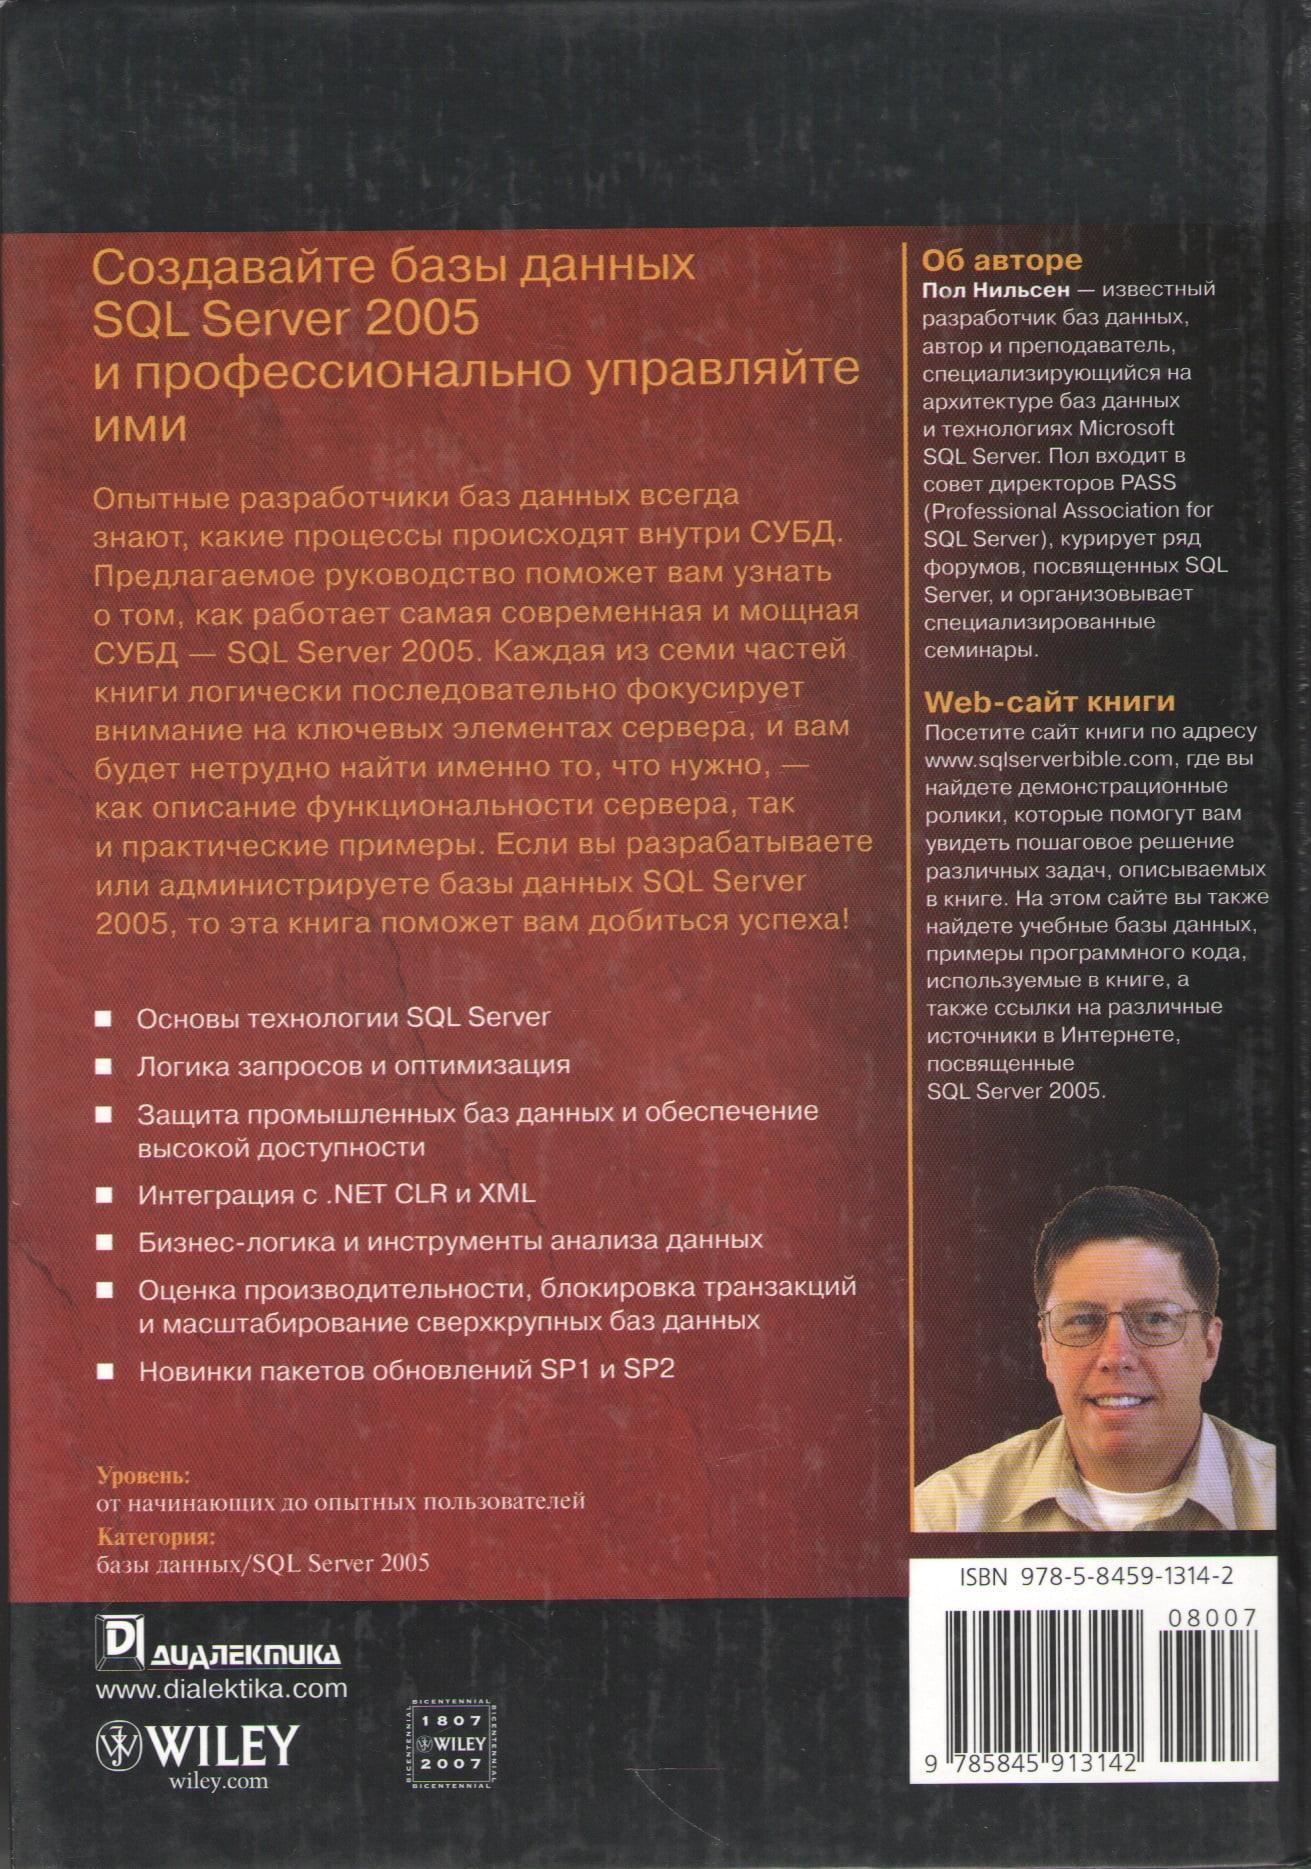 Microsoft+SQL+Server+2005.+%D0%91%D0%B8%D0%B1%D0%BB%D0%B8%D1%8F+%D0%BF%D0%BE%D0%BB%D1%8C%D0%B7%D0%BE%D0%B2%D0%B0%D1%82%D0%B5%D0%BB%D1%8F - фото 2